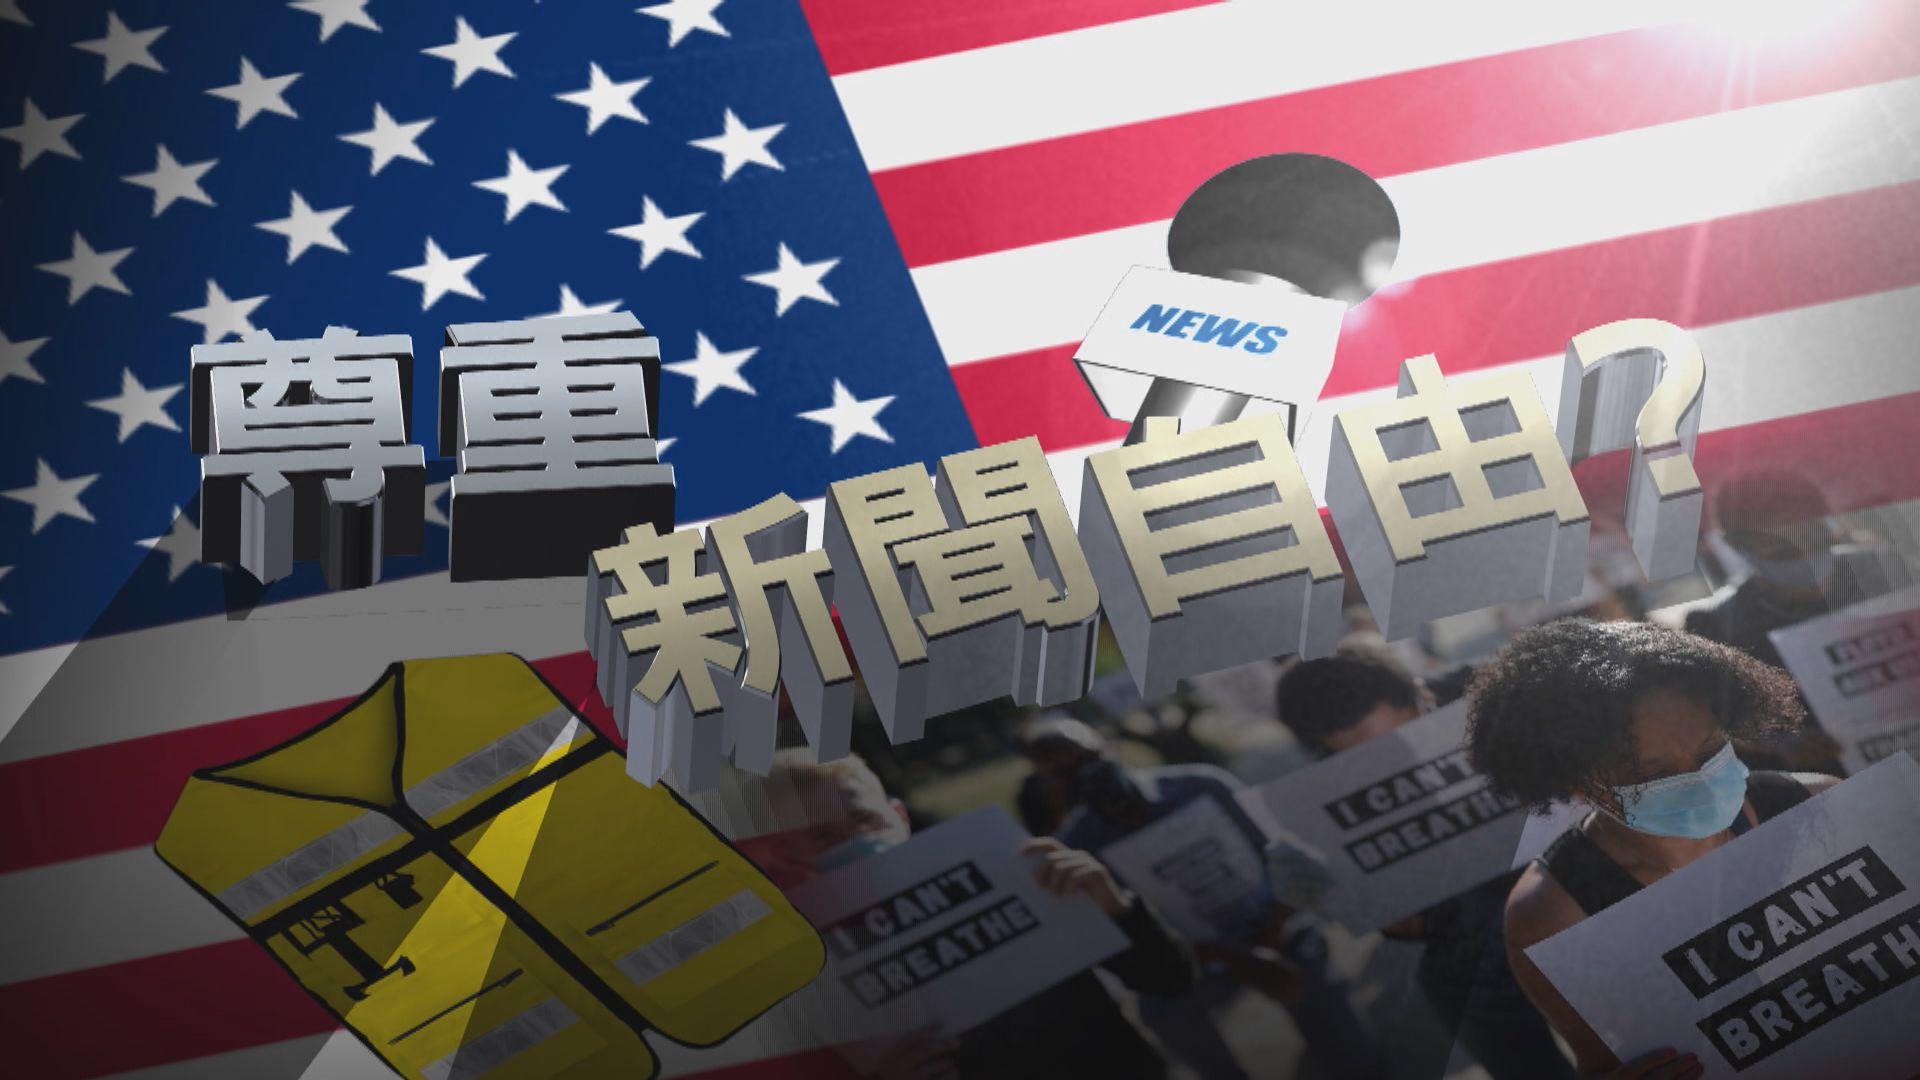 【新聞智庫】美國記者遇襲情況空前 尊重新聞自由僅屬空談?